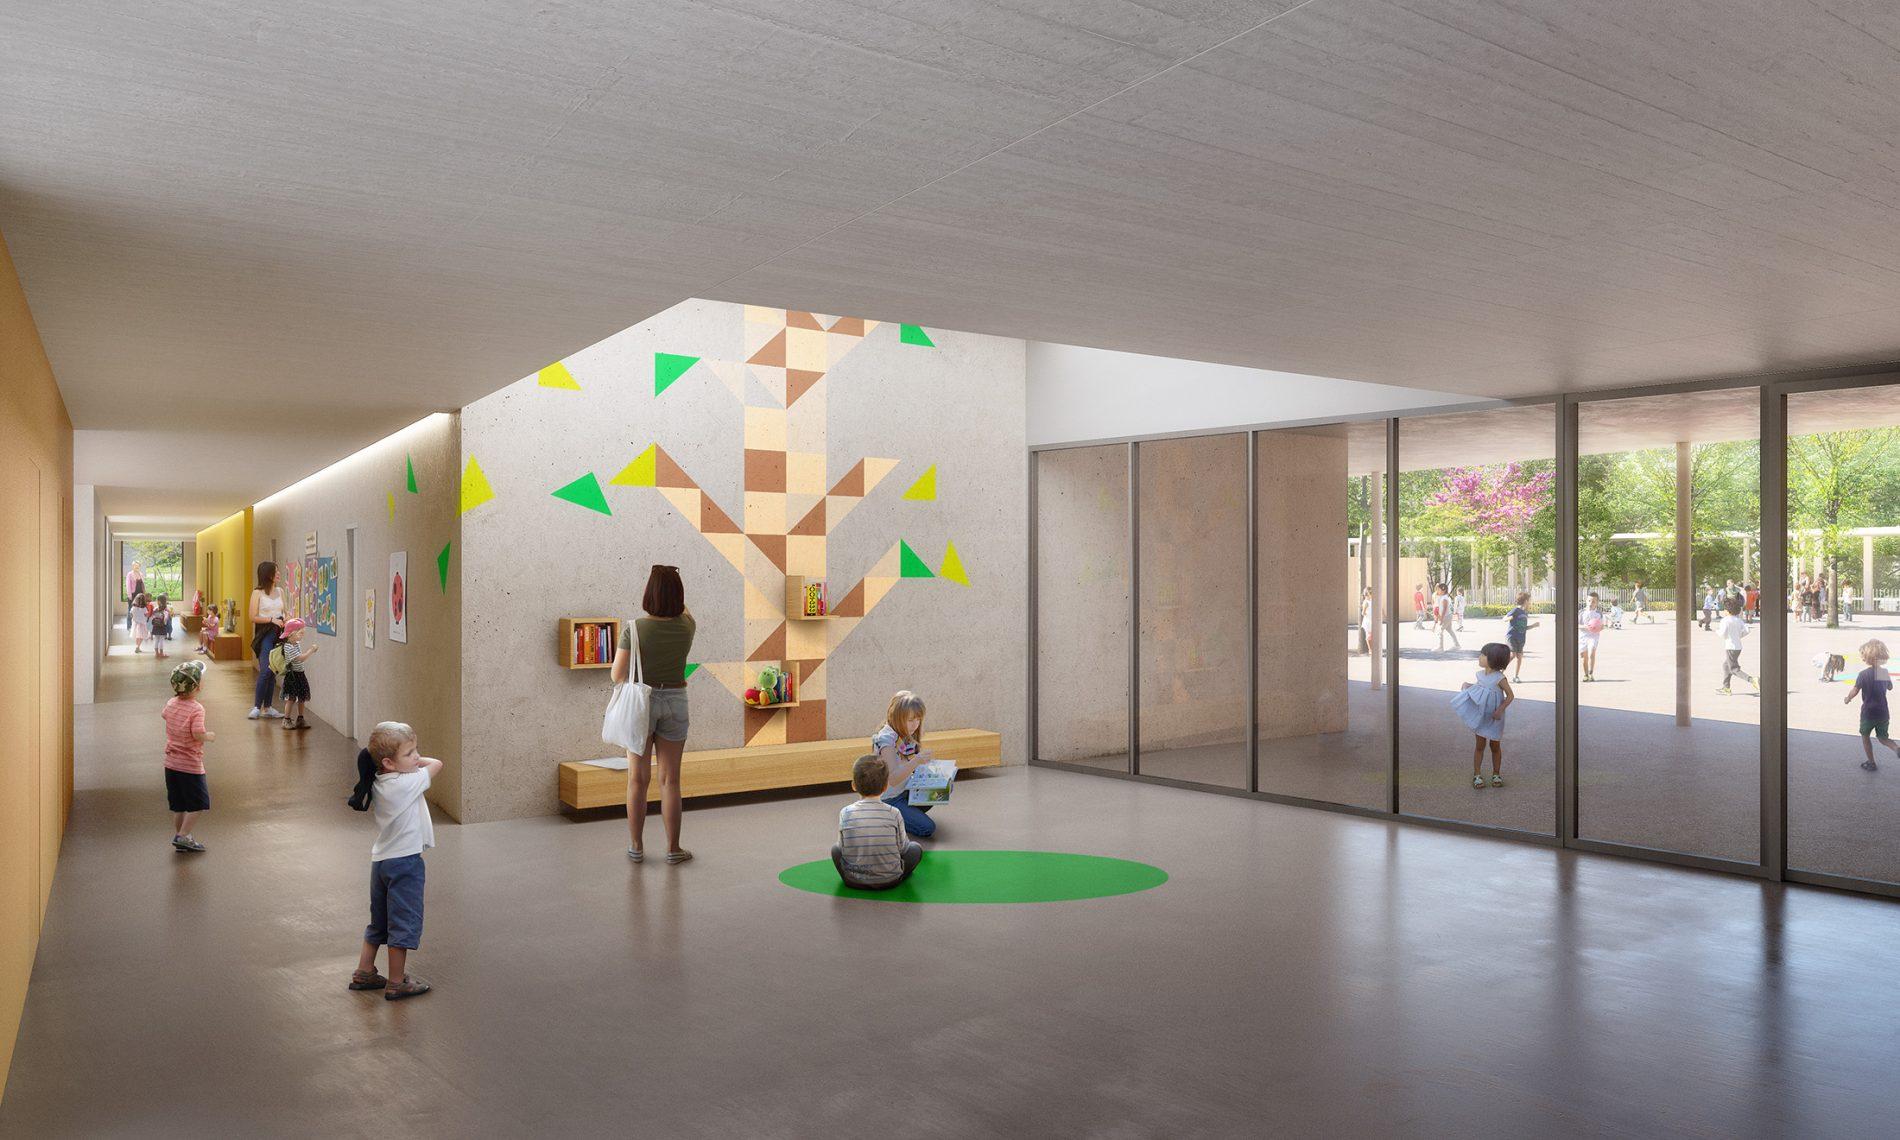 Image du concours d'architecture du groupe scolaire de Vallon-Régny, hall d'accueil et de son puit de lumière